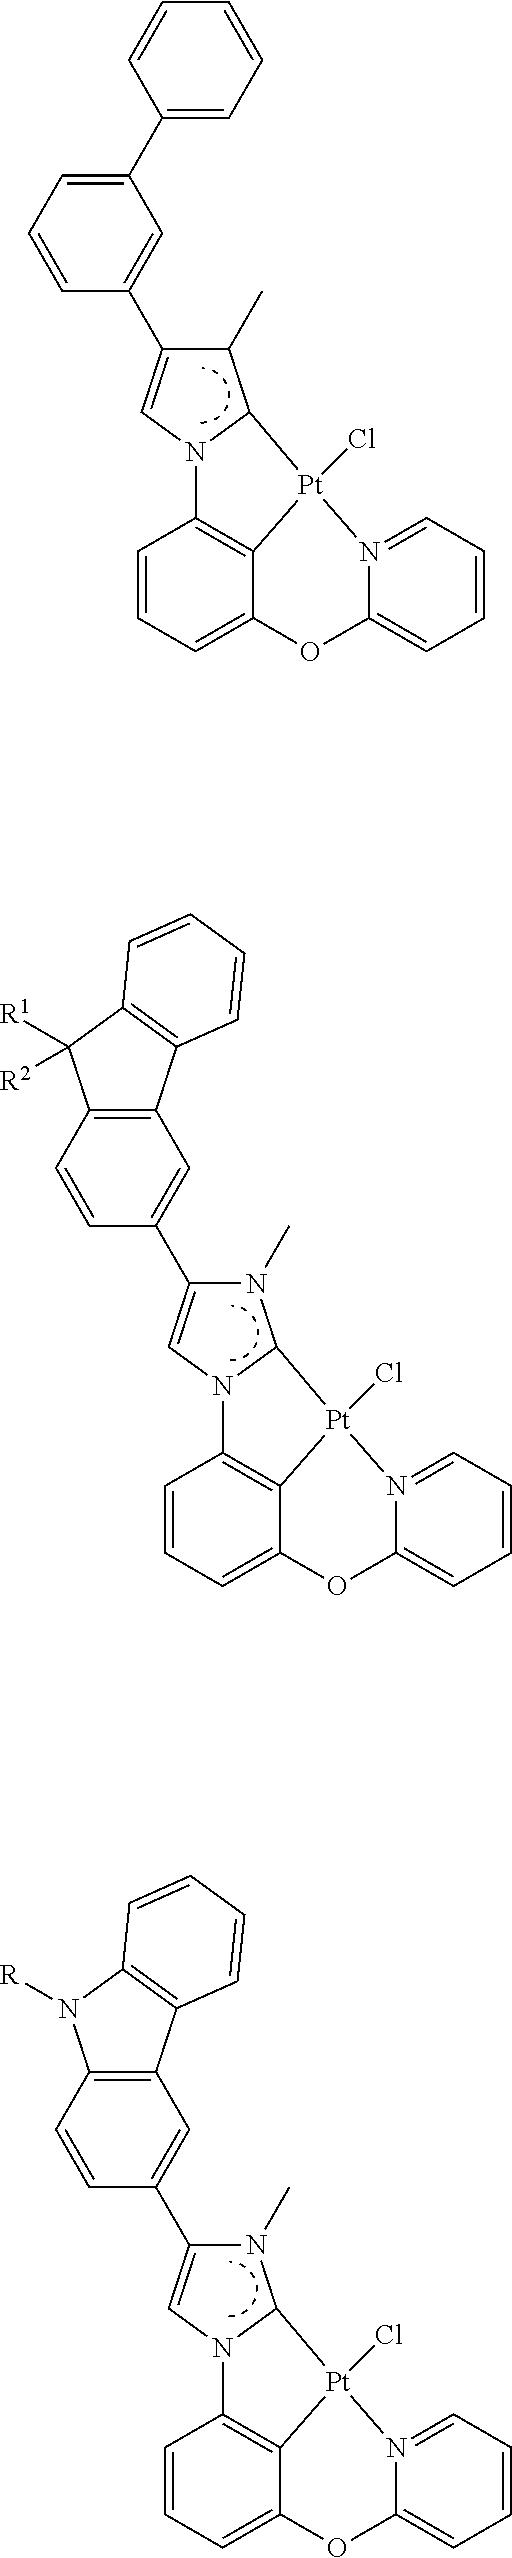 Figure US09818959-20171114-C00517